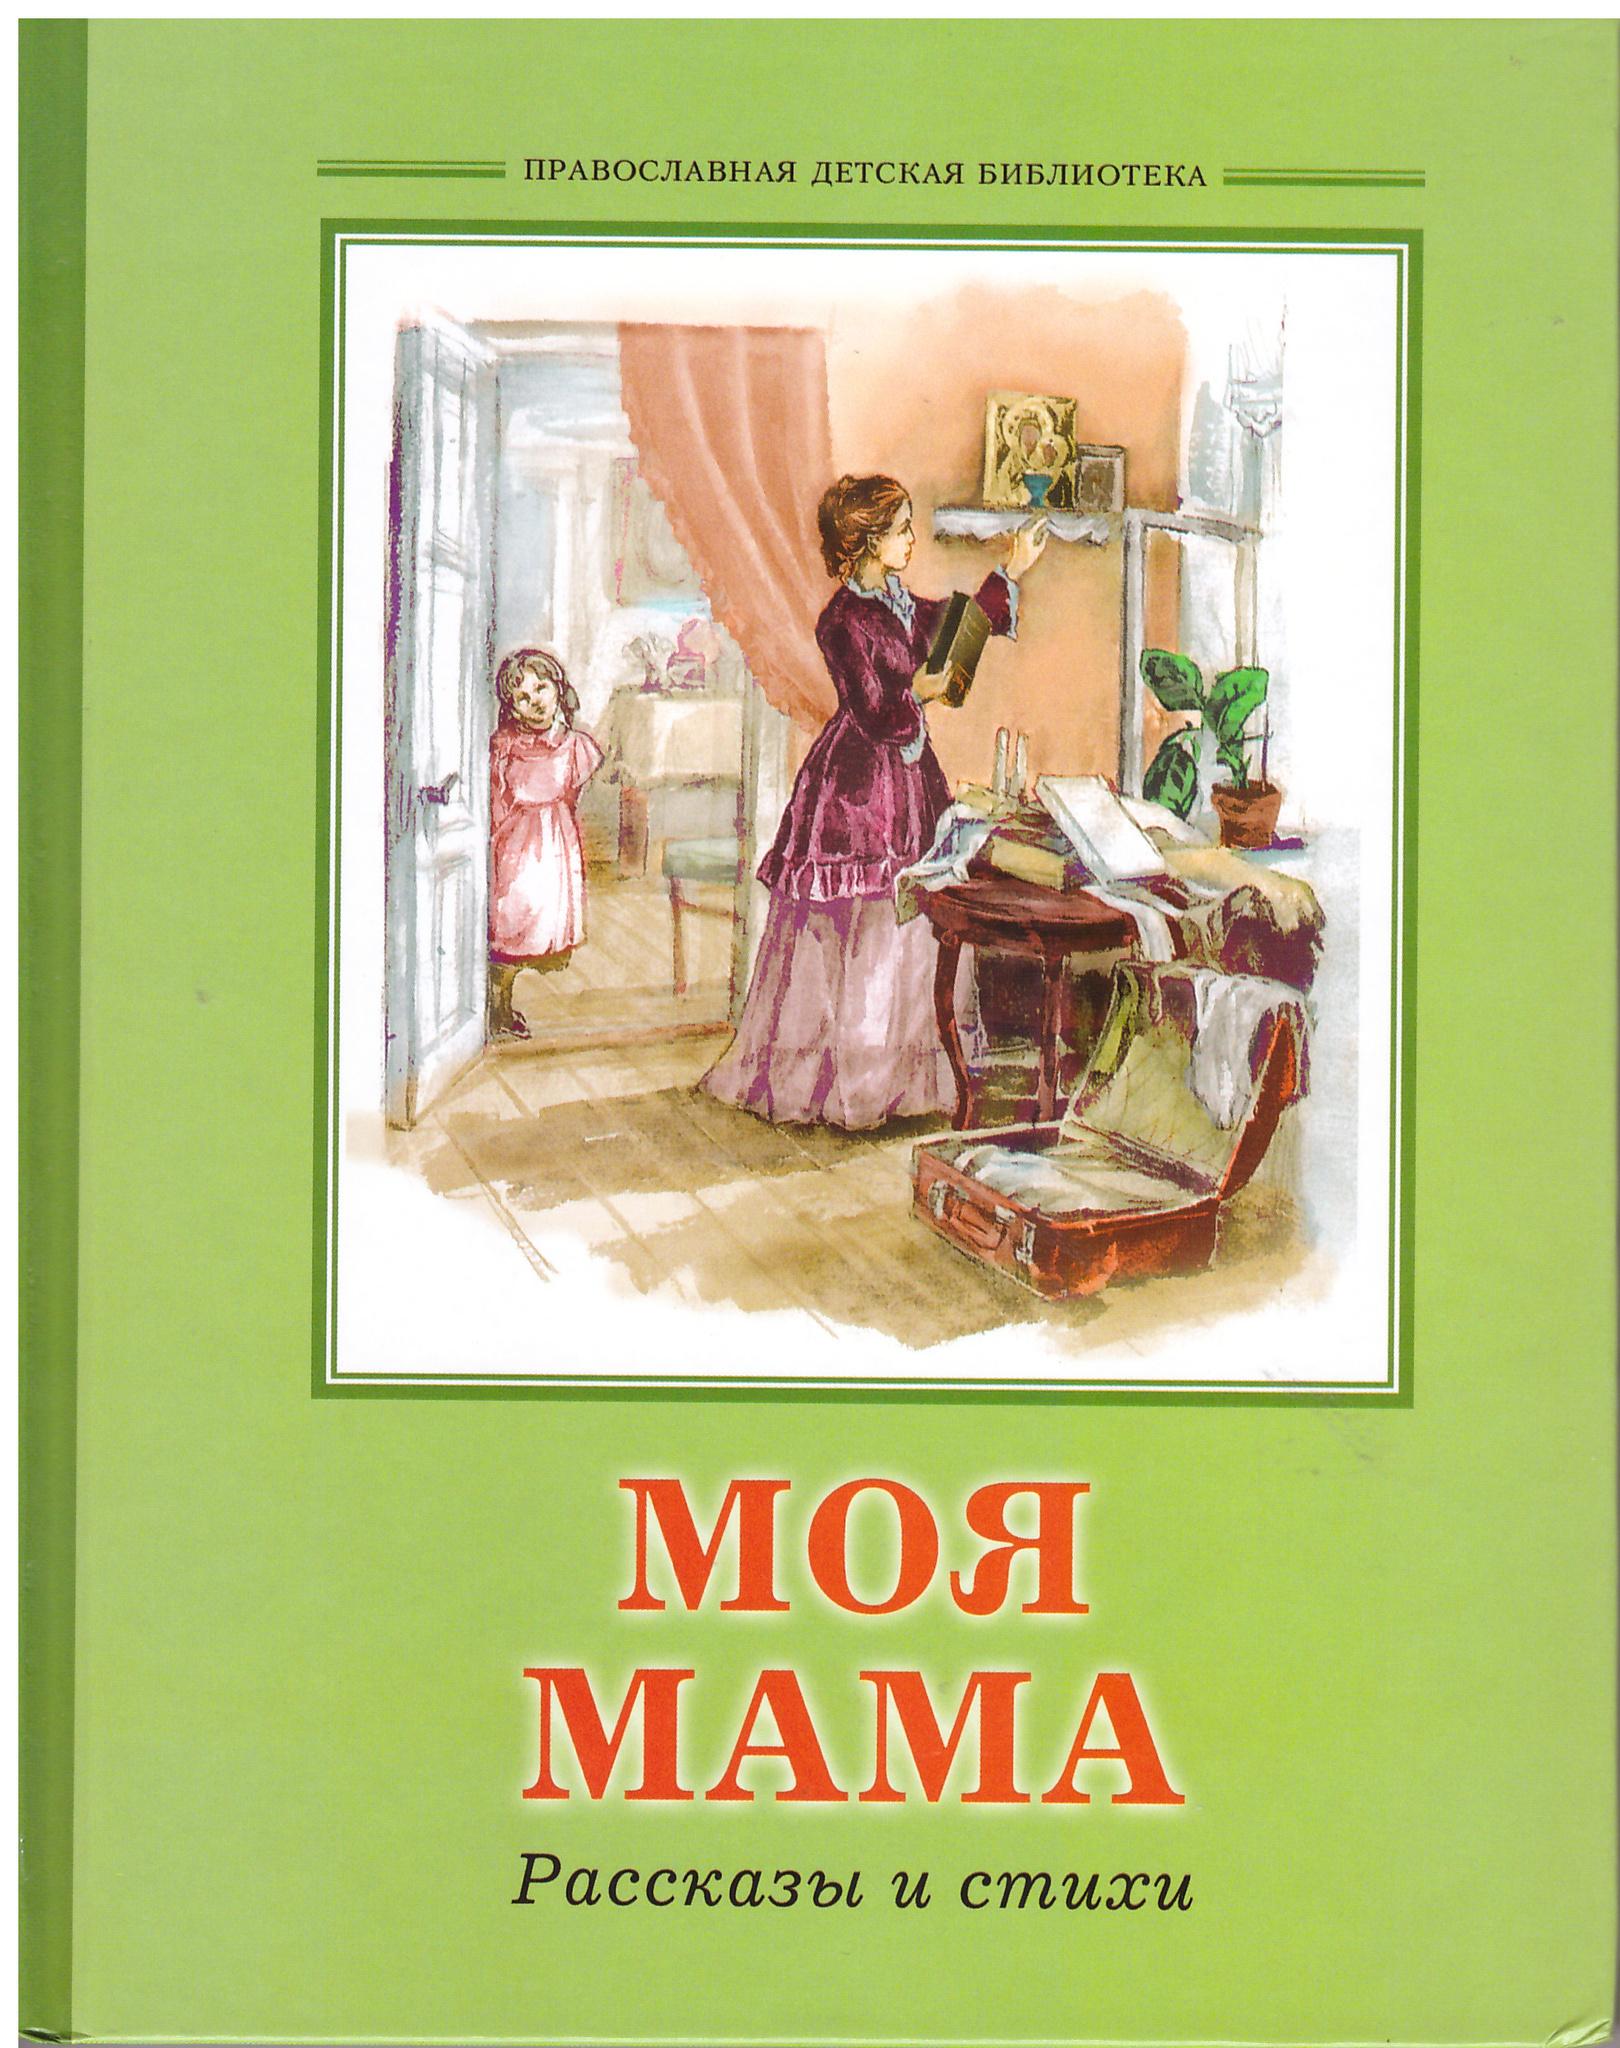 Рассказы друзья и мама 3 фотография